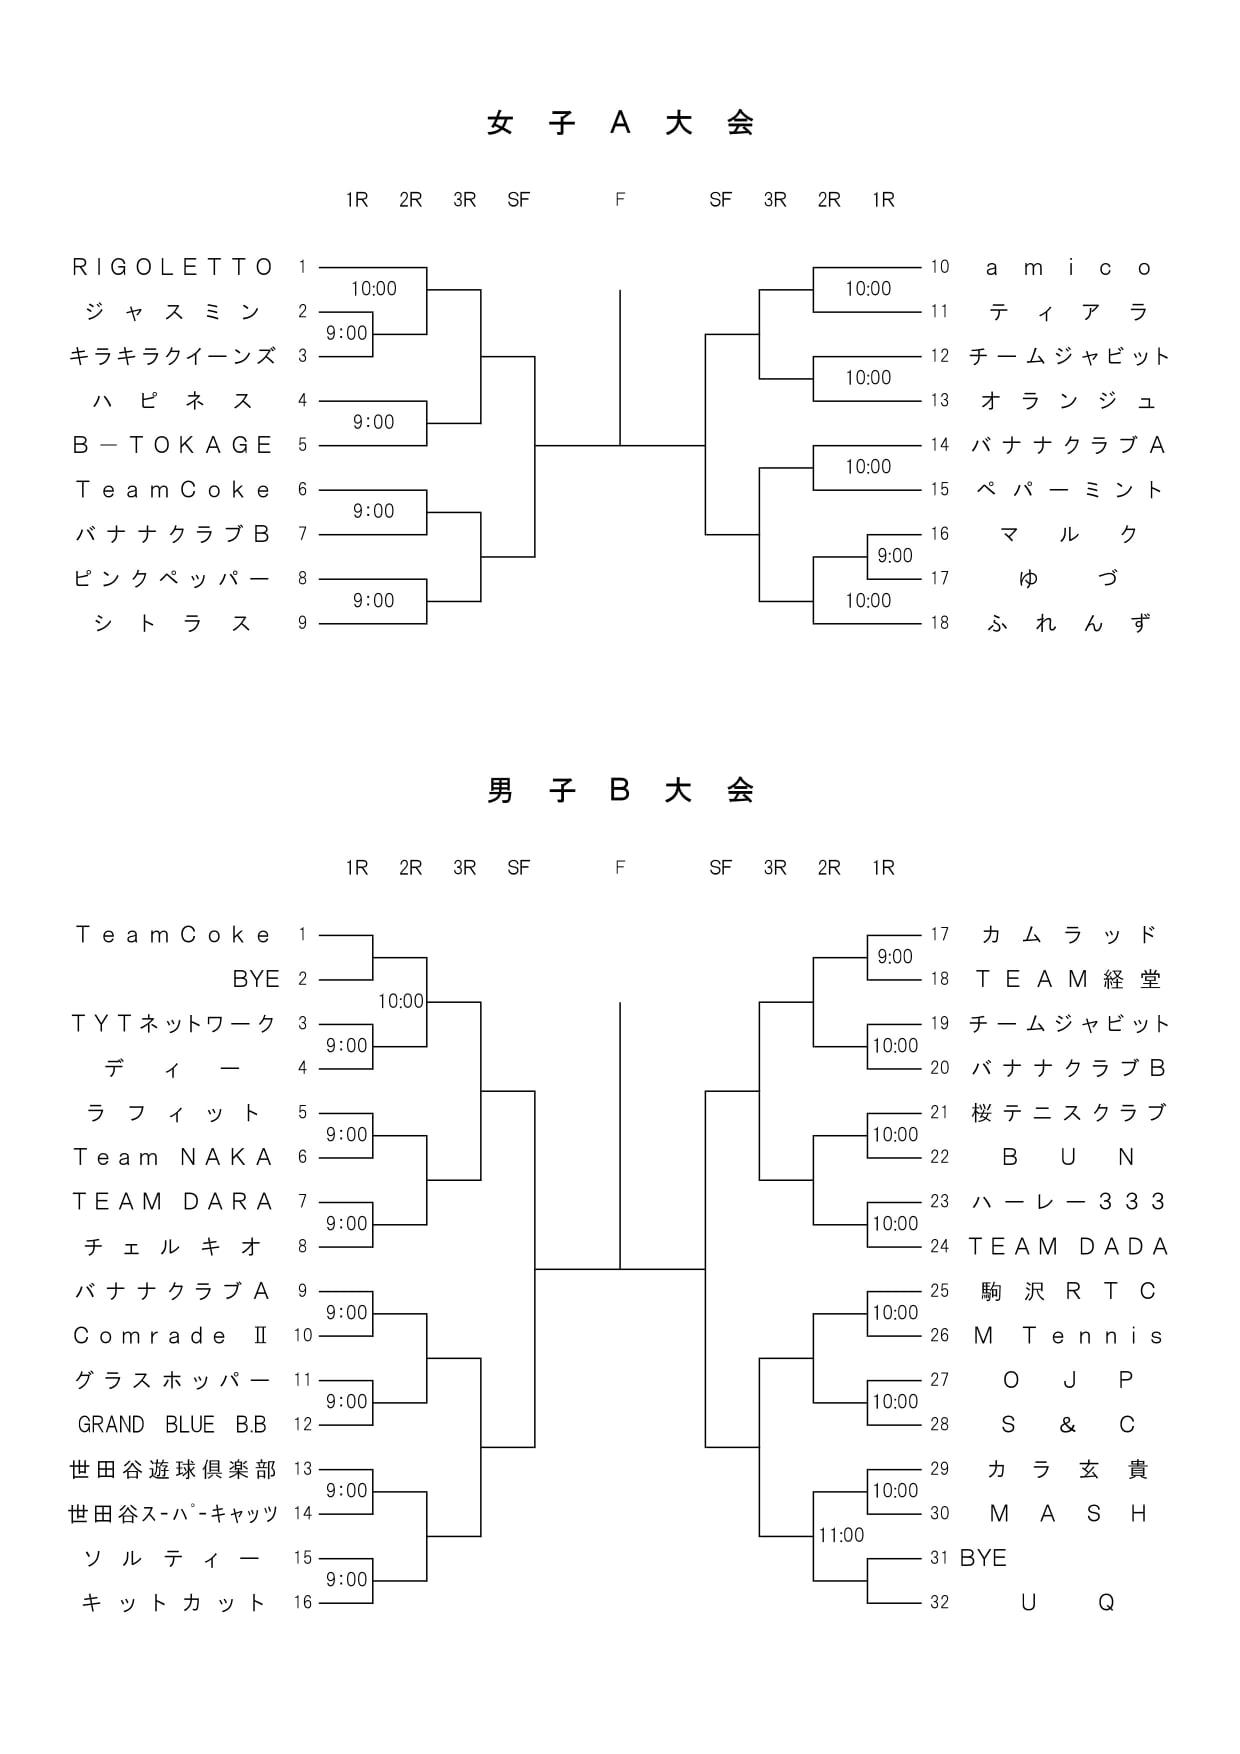 2019年11月今野杯・秋季クラブ対抗テニス大会B大会ドロー